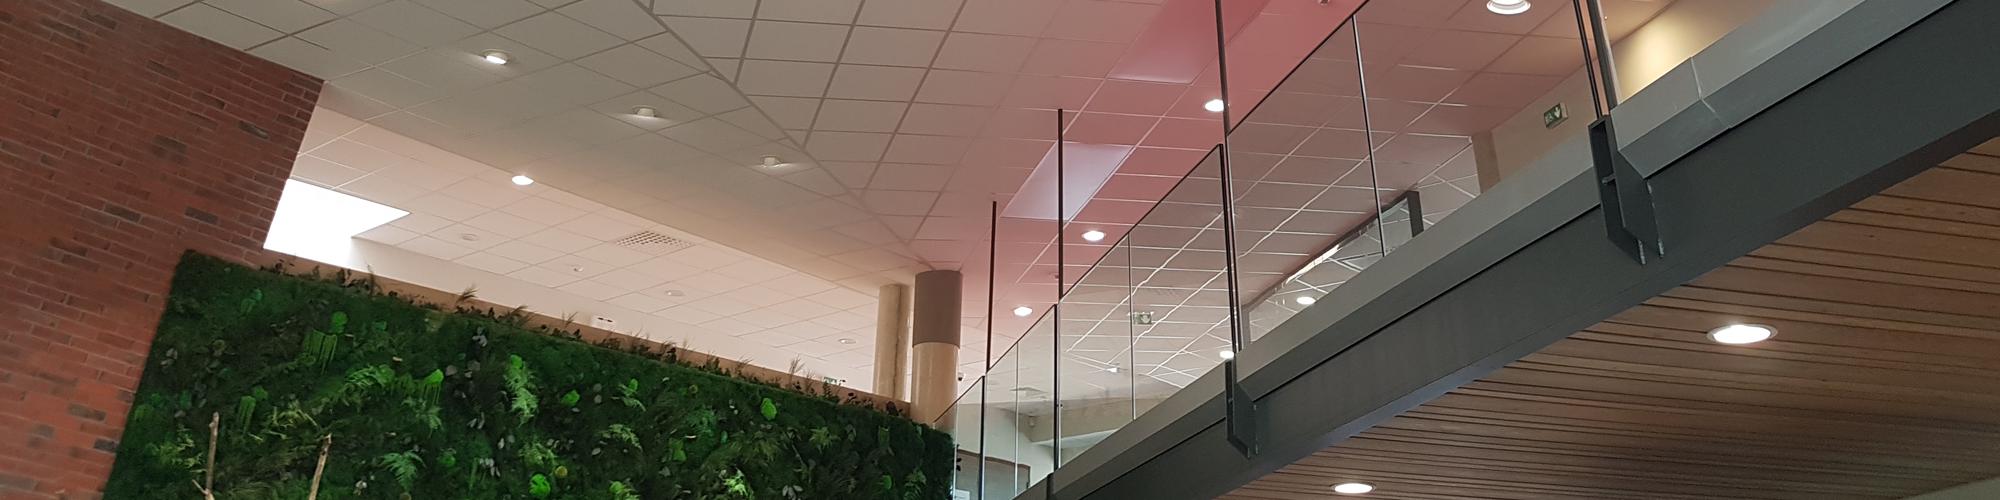 Faux Plafond Suspendu En Dalles Isolantes plafonds – marisol